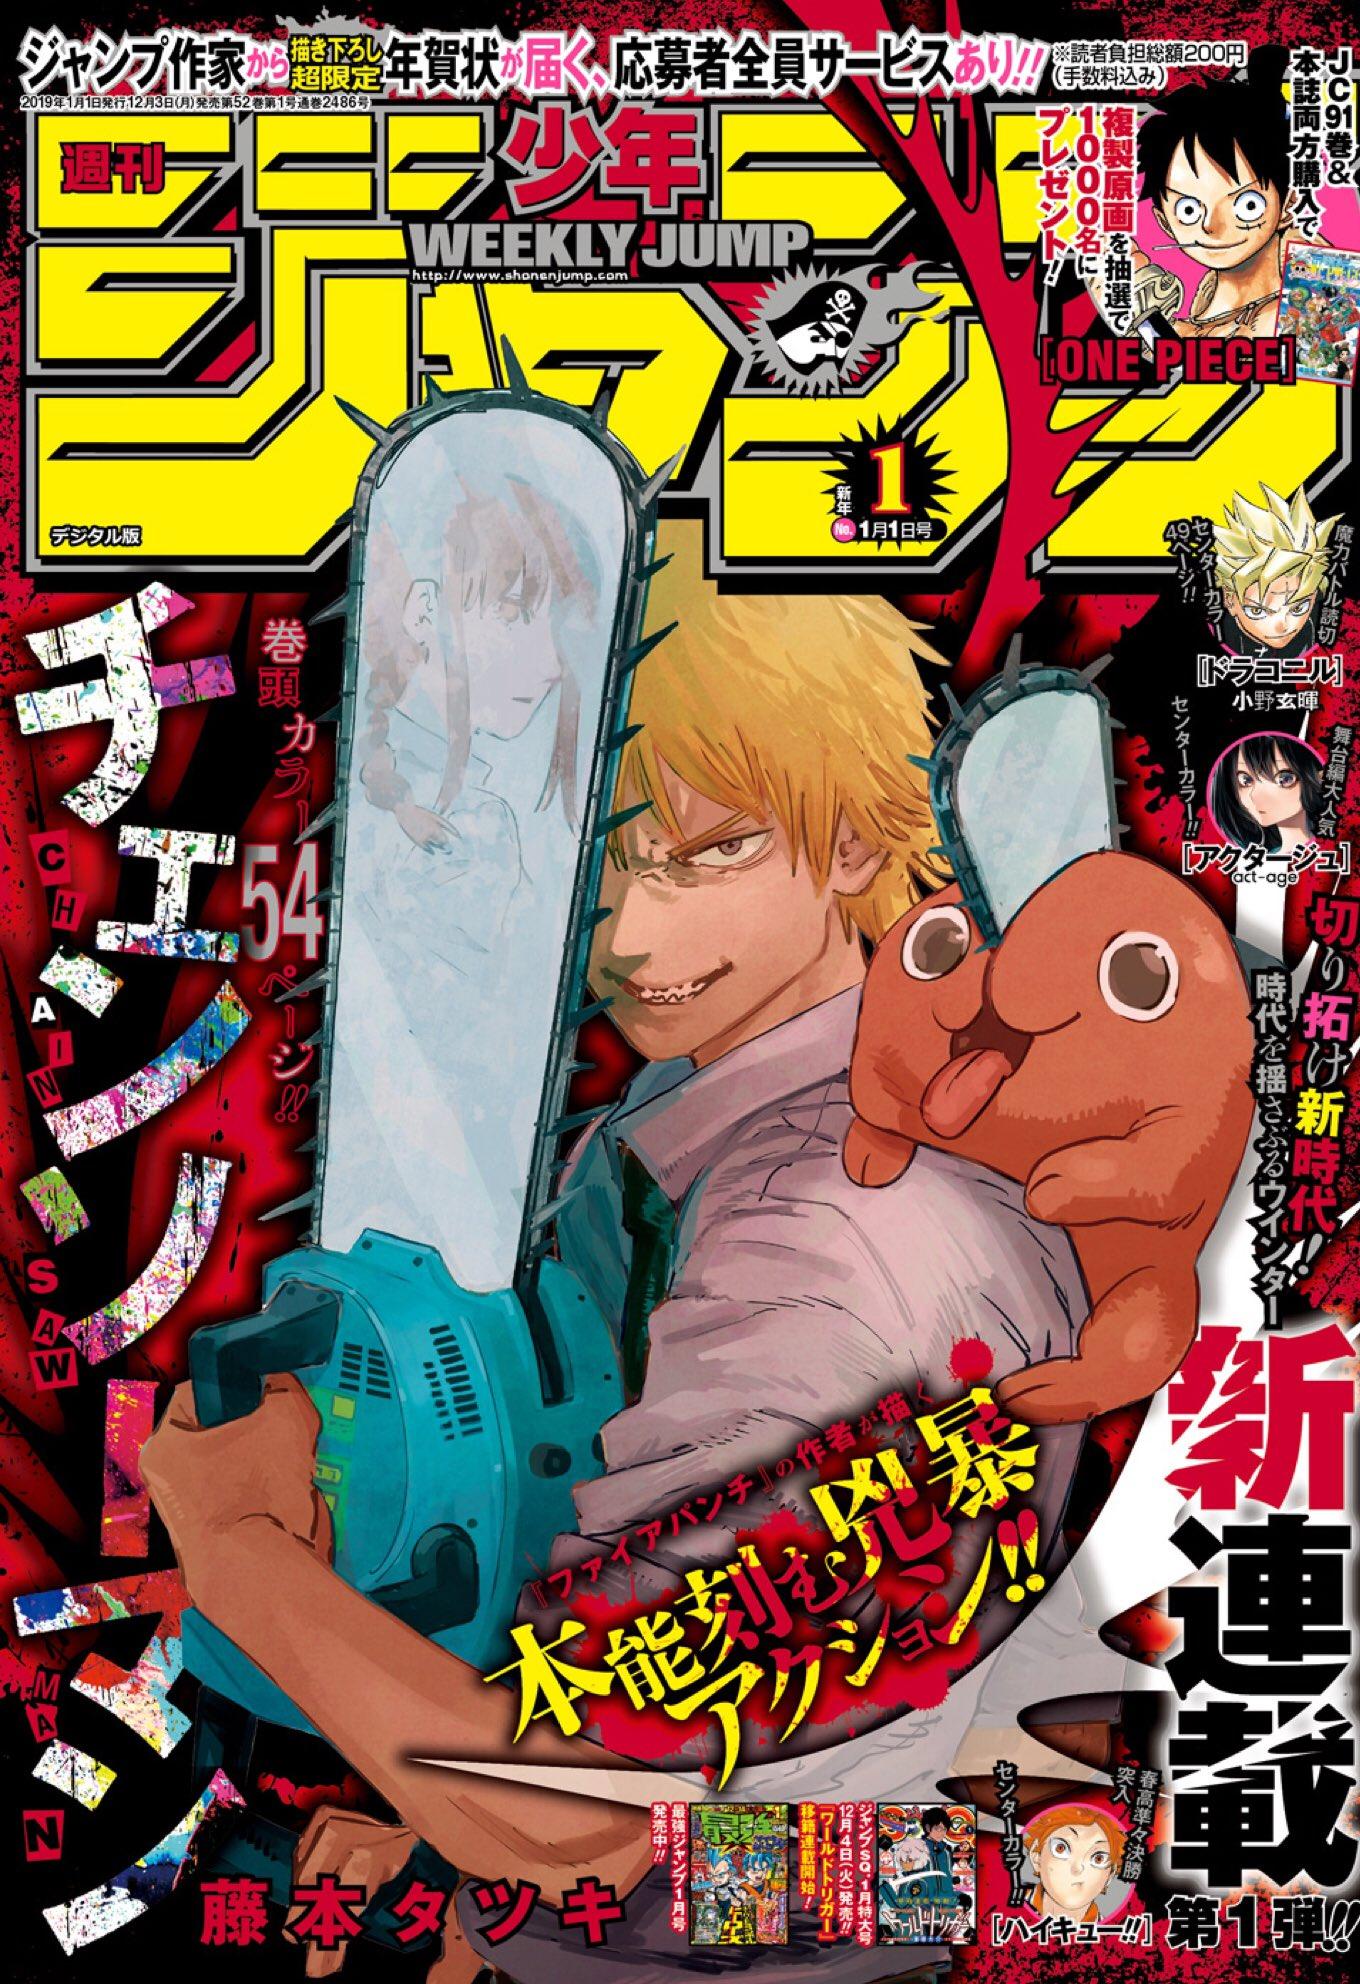 Weekly Shônen Jump 1 - 週刊少年ジャンプ 2019年1号